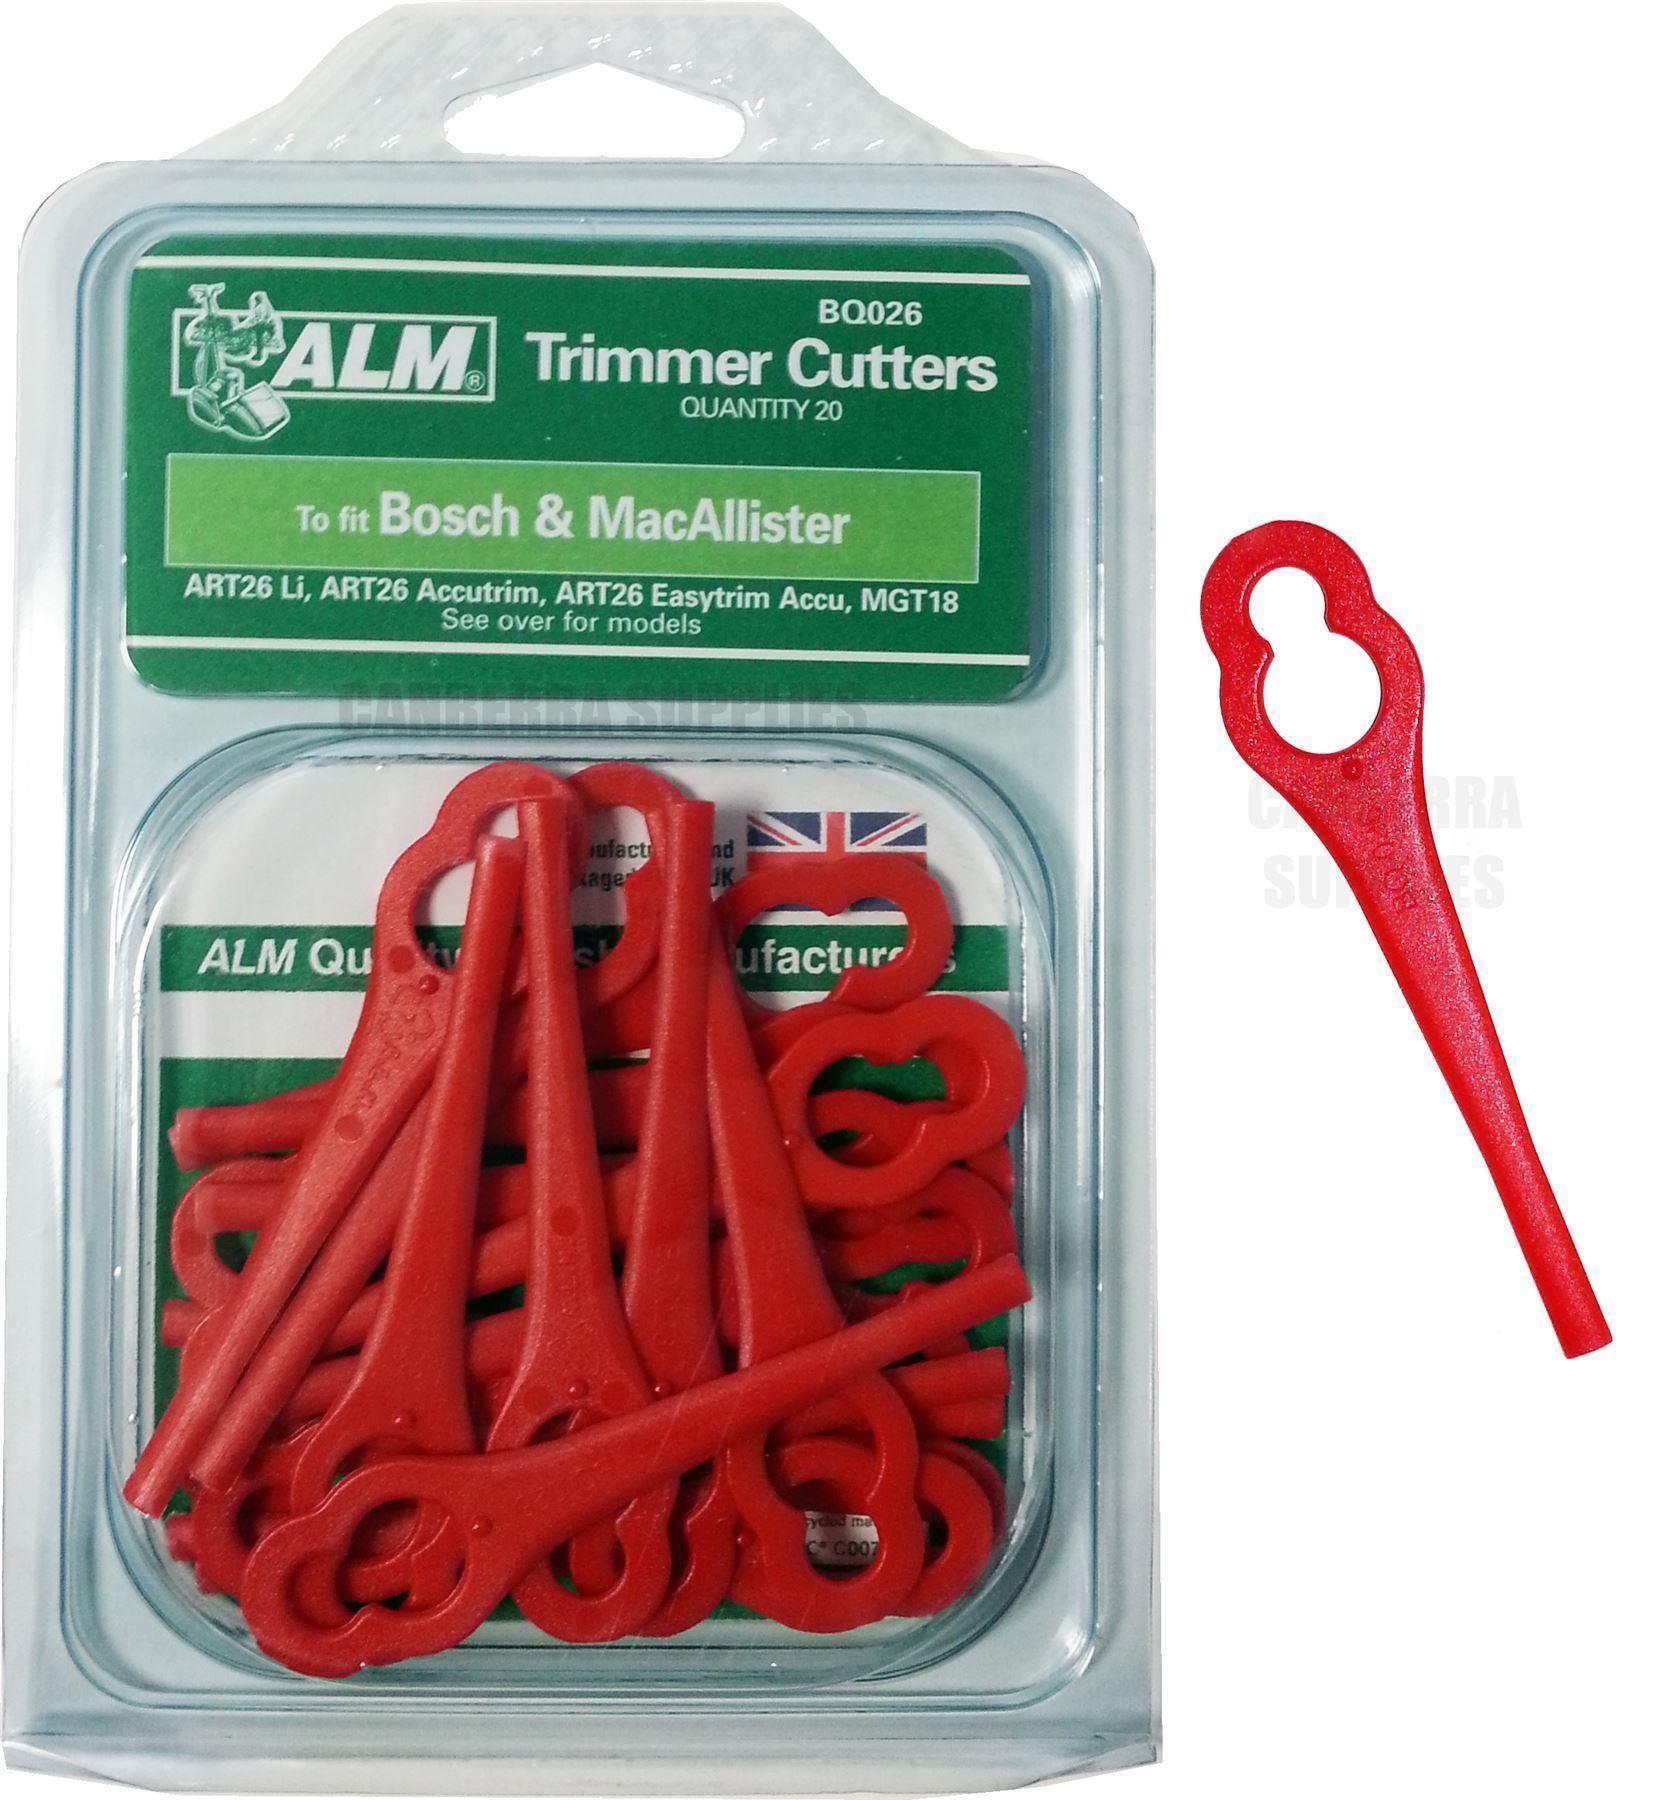 Alm trimmer blades lidl florabest frt18a frt18a1 lawnmaster clgt1018b ebay - Coupe bordure lidl ...